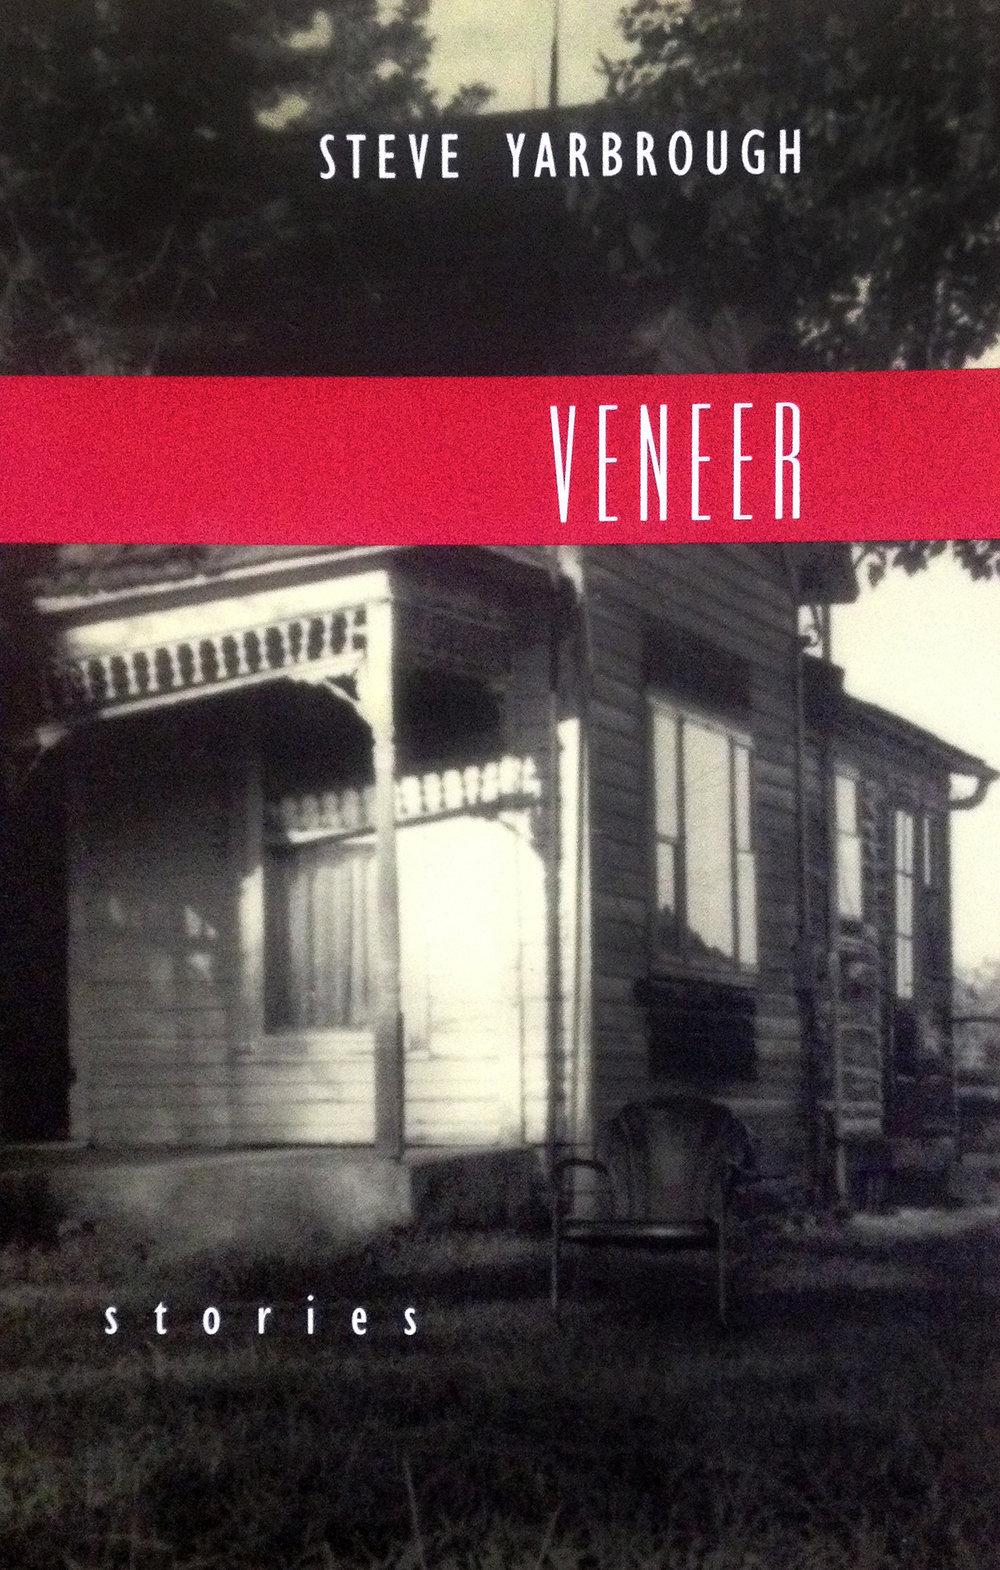 veneer-stories-cover.JPG